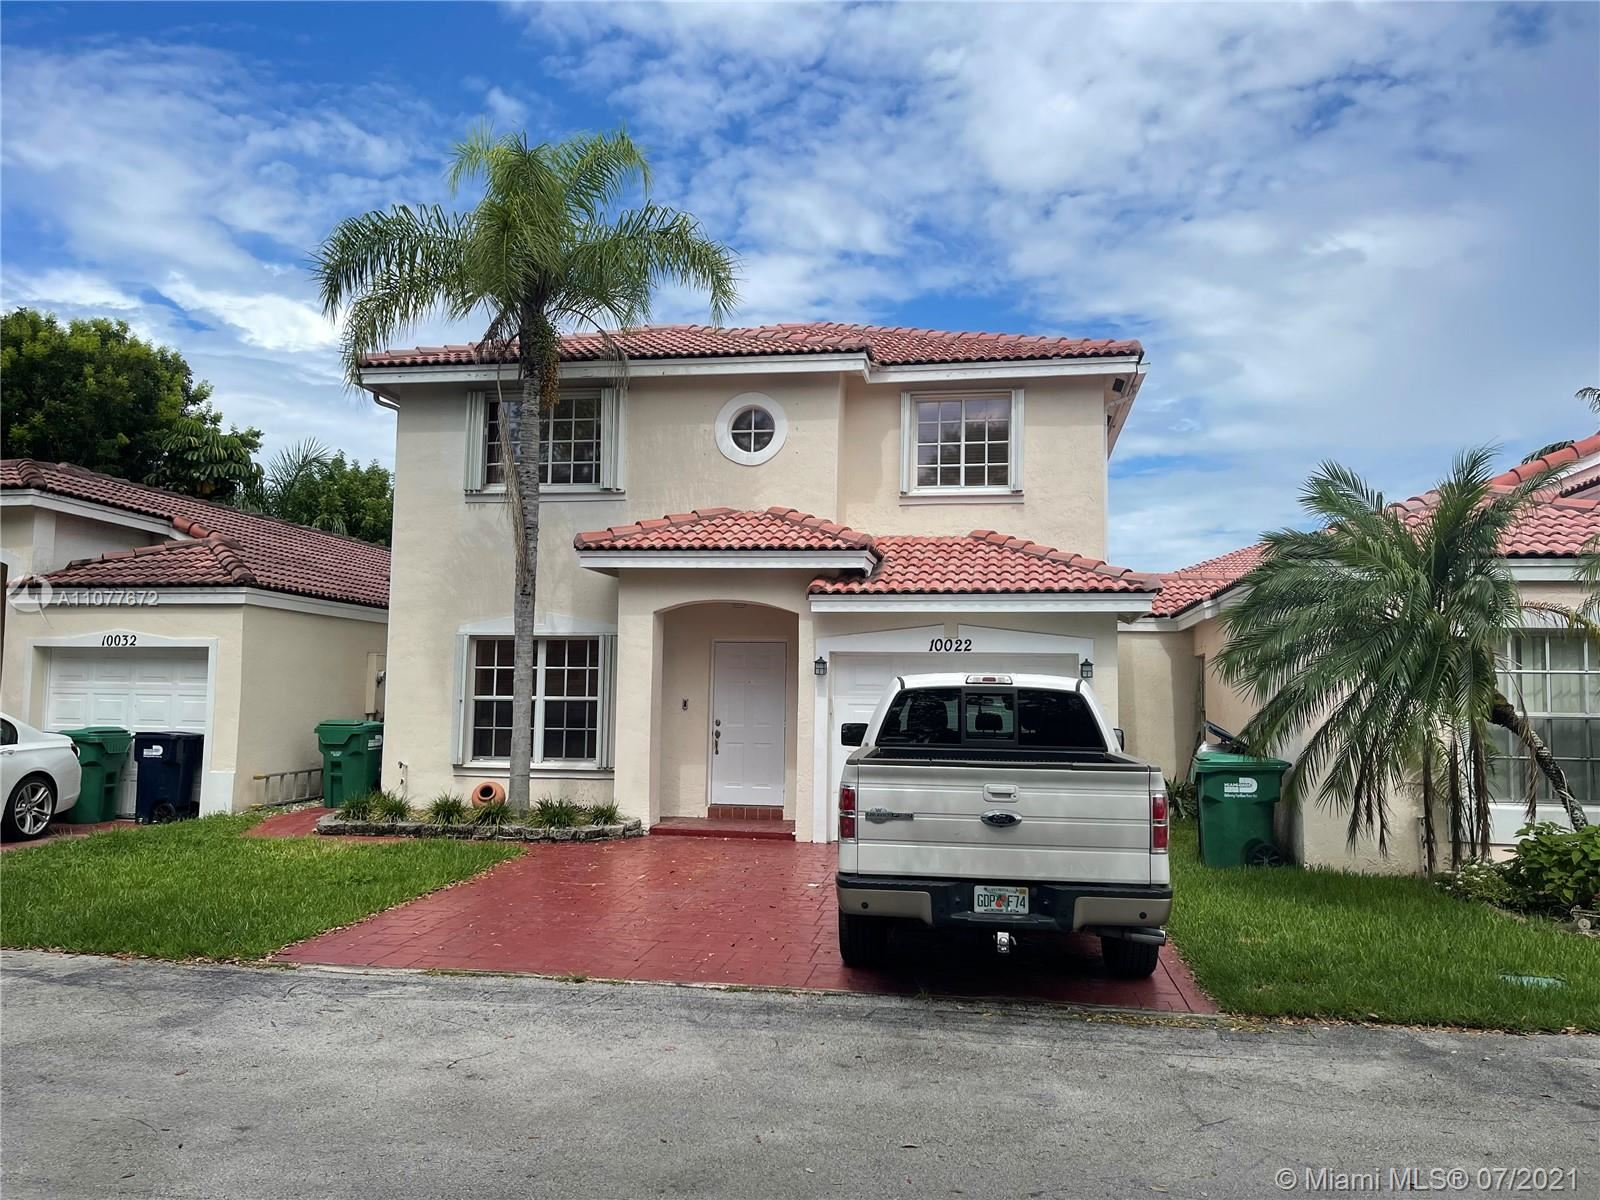 10022 SW 162nd Ct, Miami, FL 33196 - #: A11077672